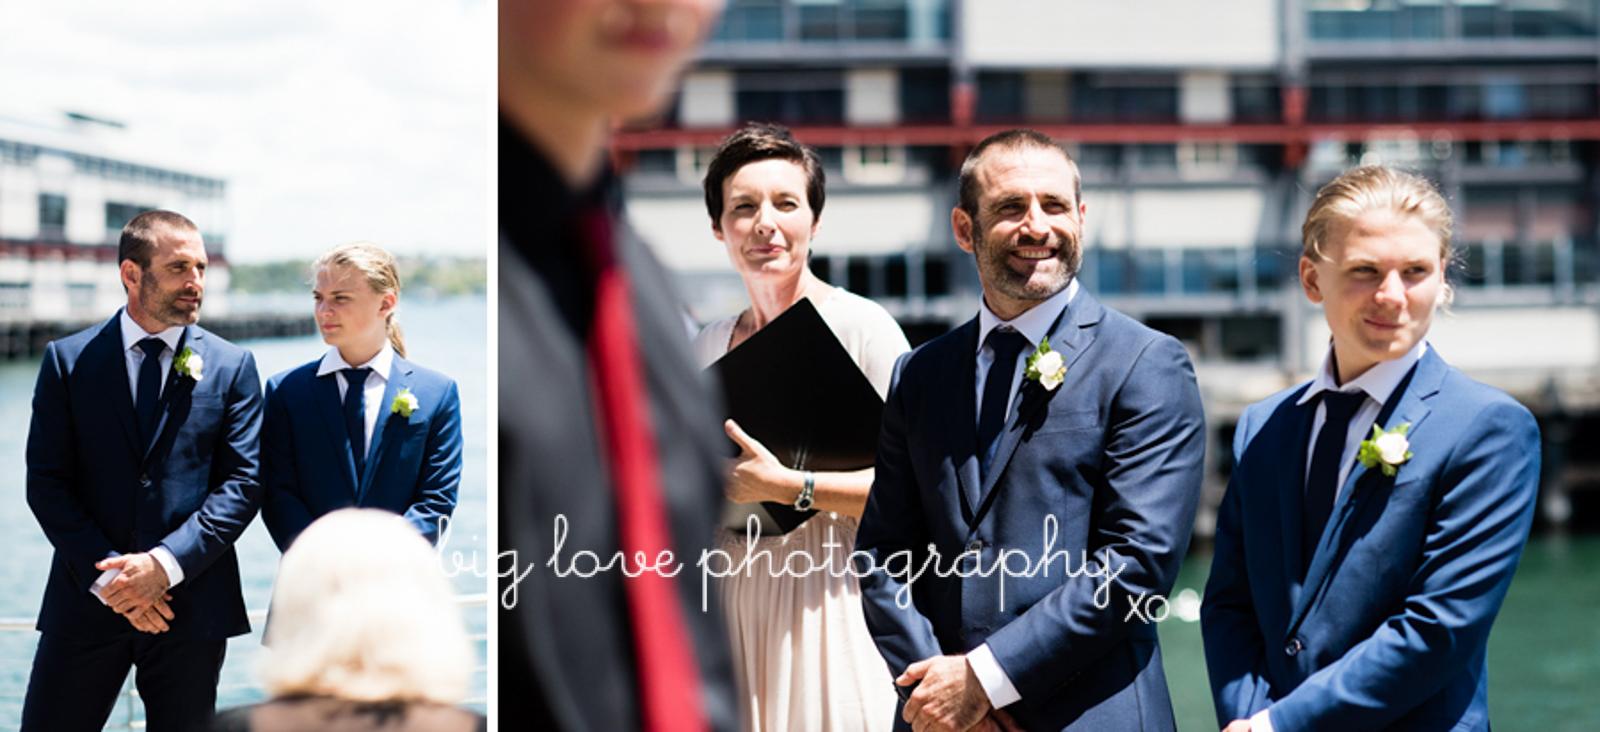 sydneyweddingphotographer-7022.jpg